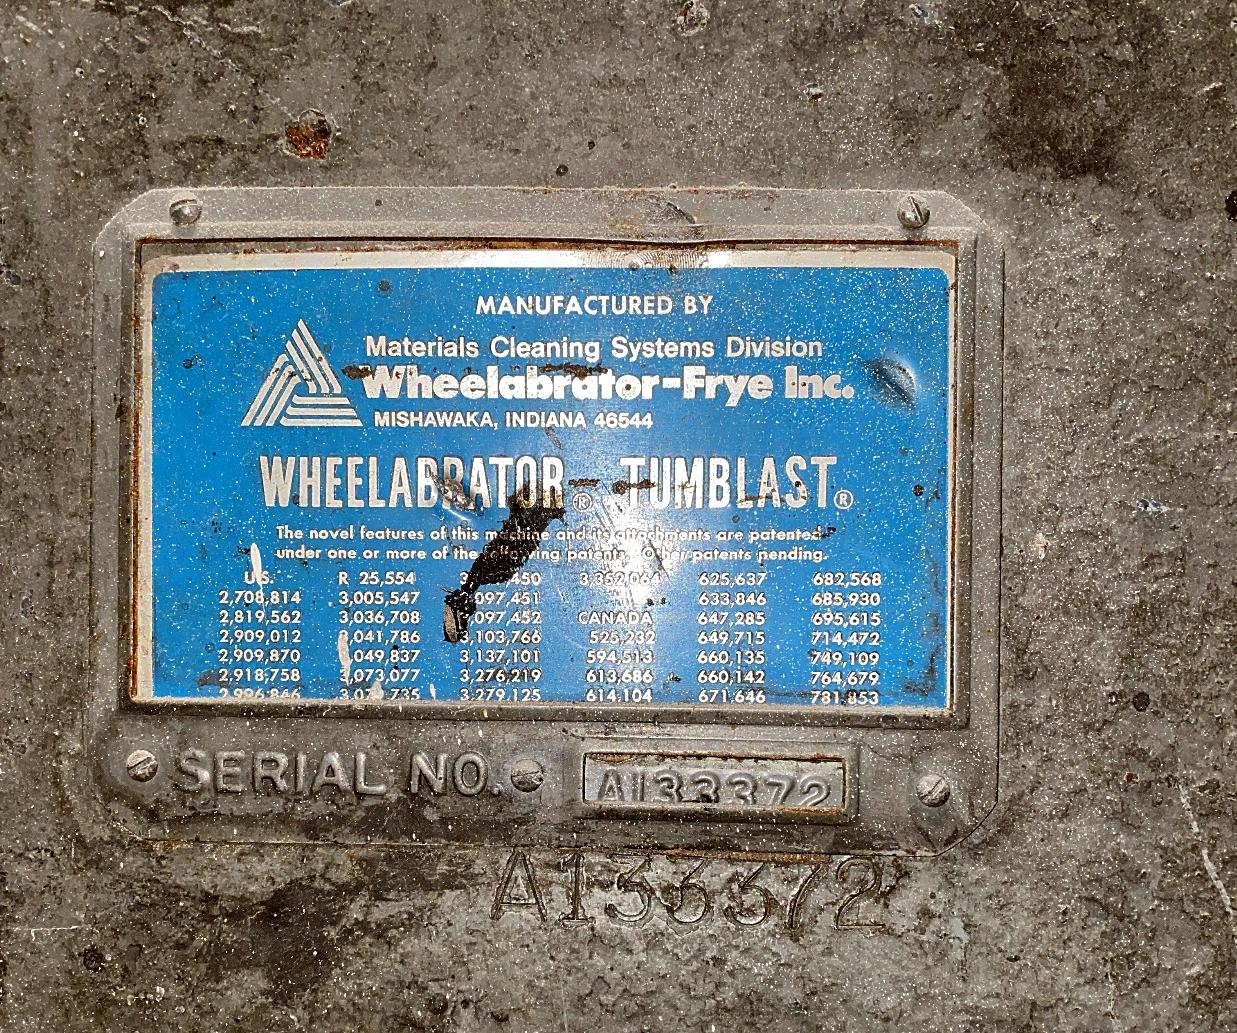 WHEELABRATOR 14 SUPER II TUMBLAST